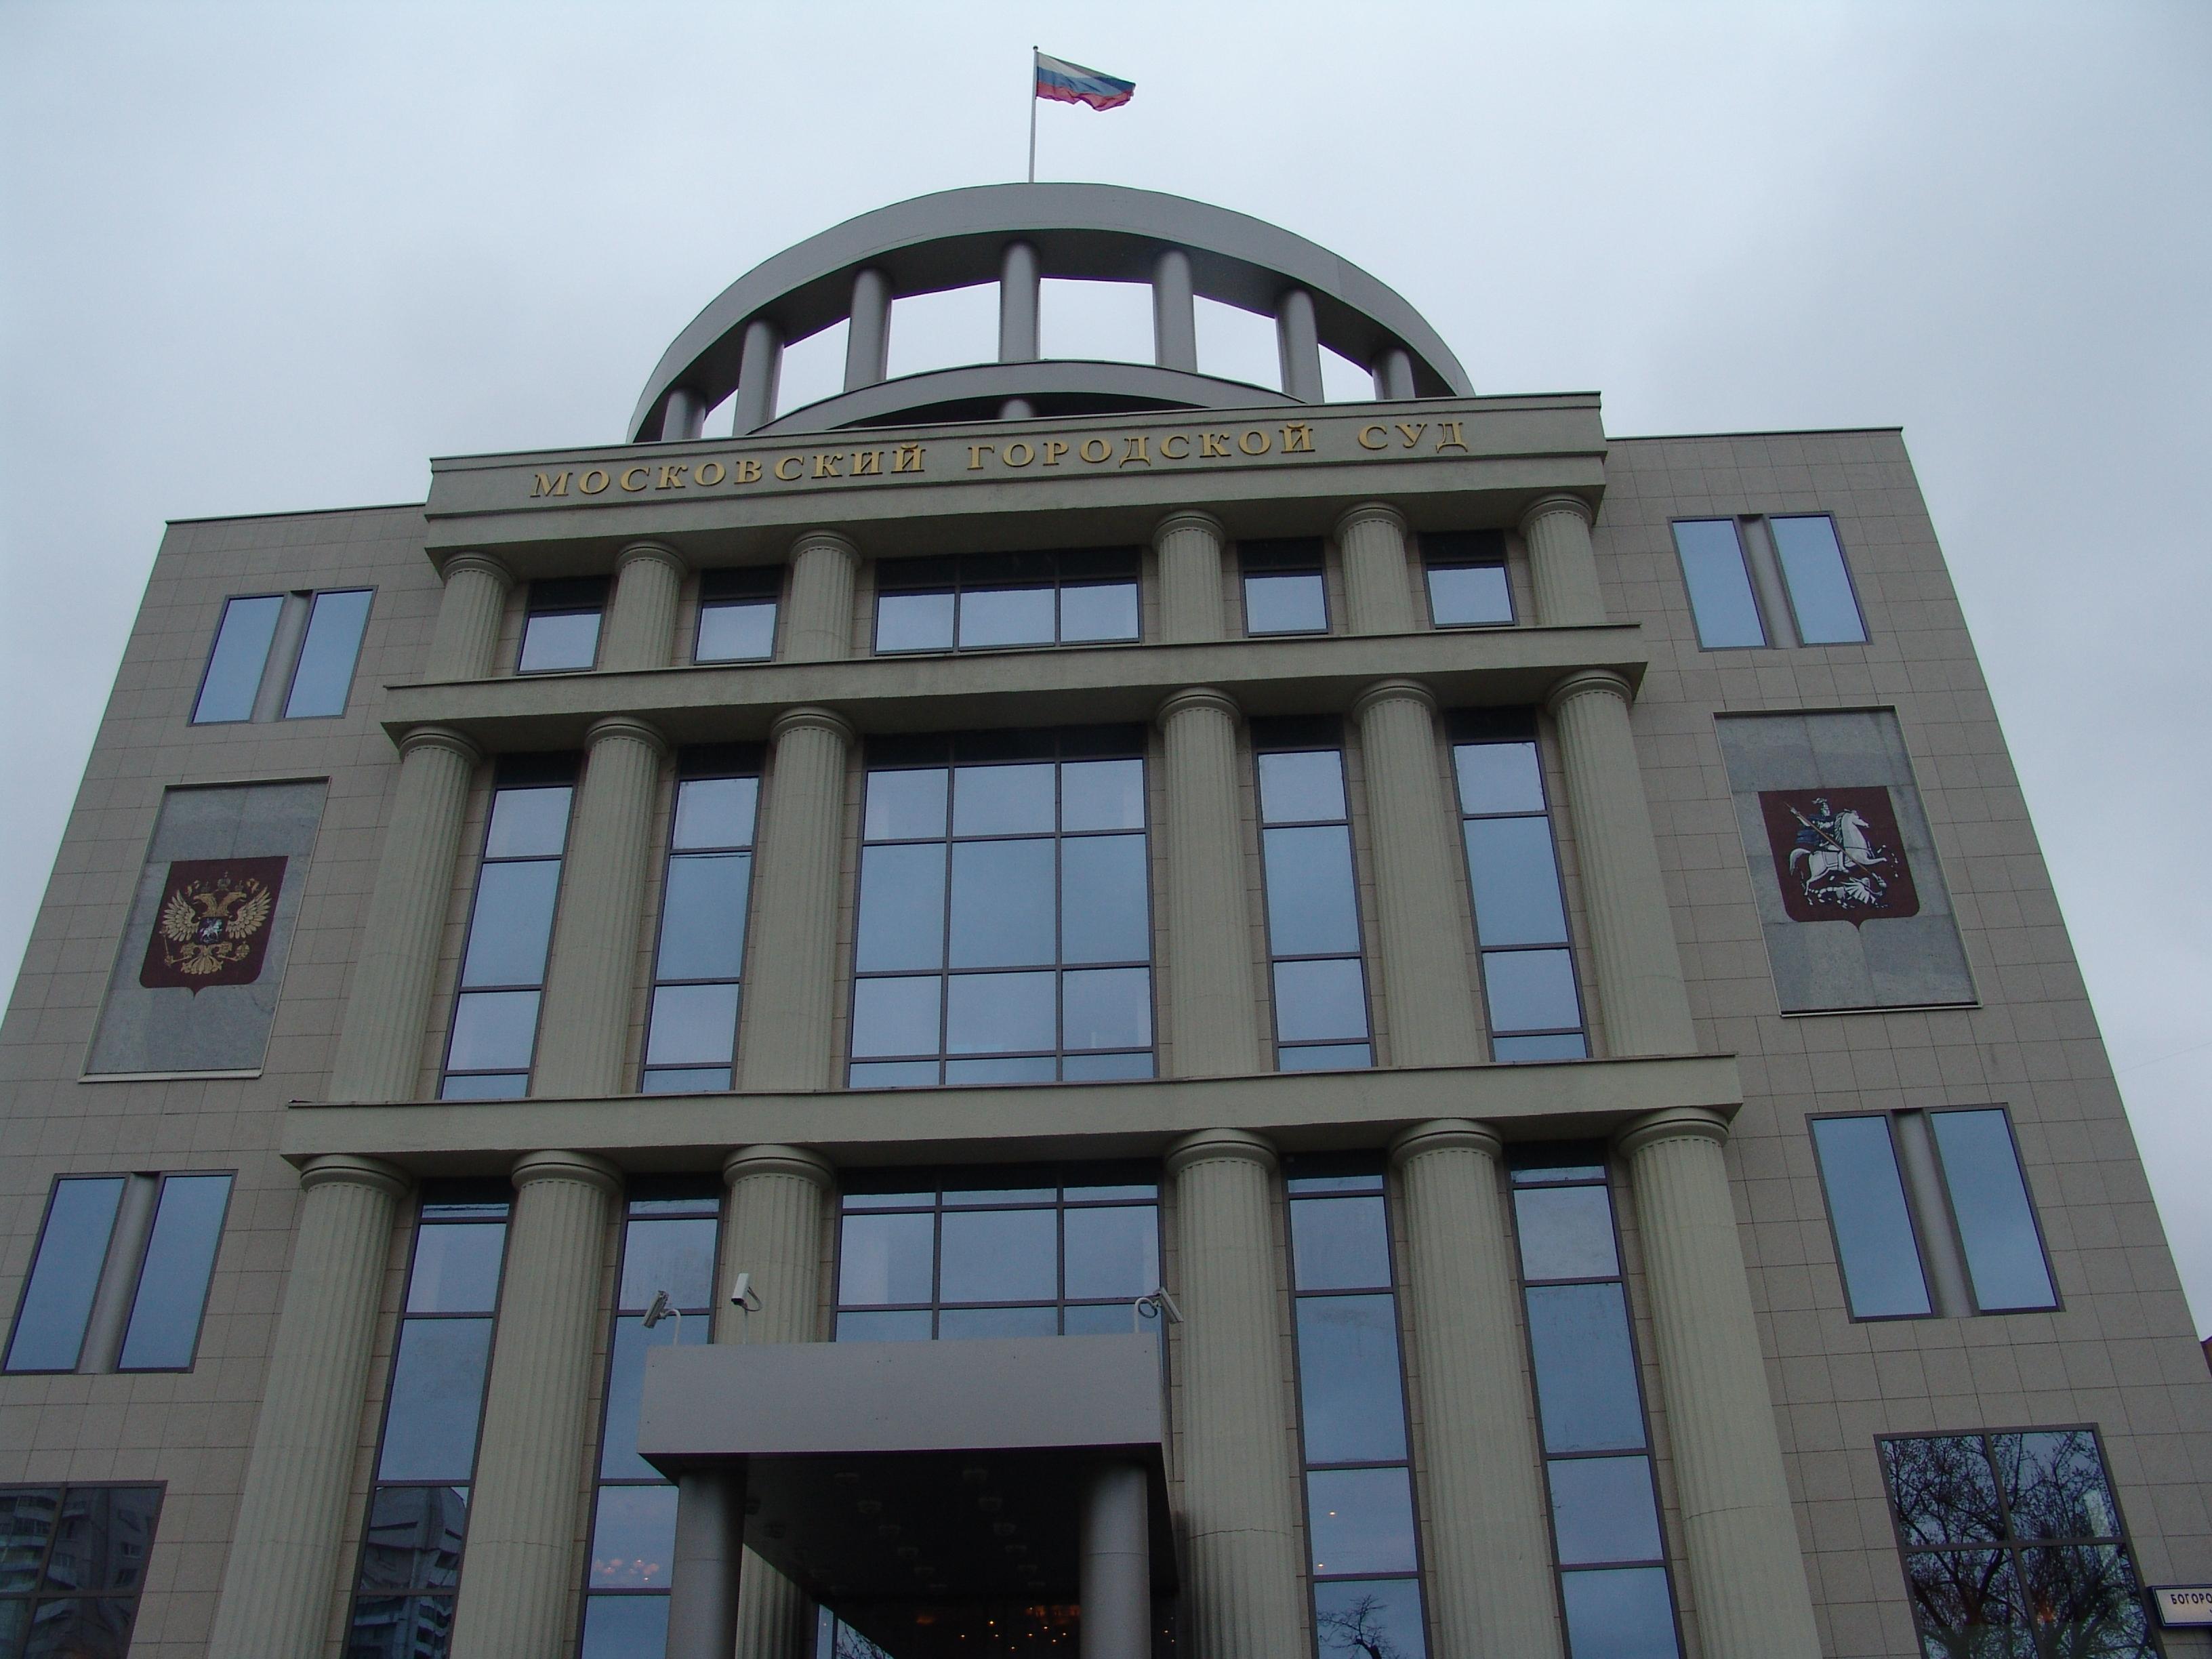 Российский суд отклонил апелляцию на арест Сущенко, но ему разрешили позвонить маленькому сыну